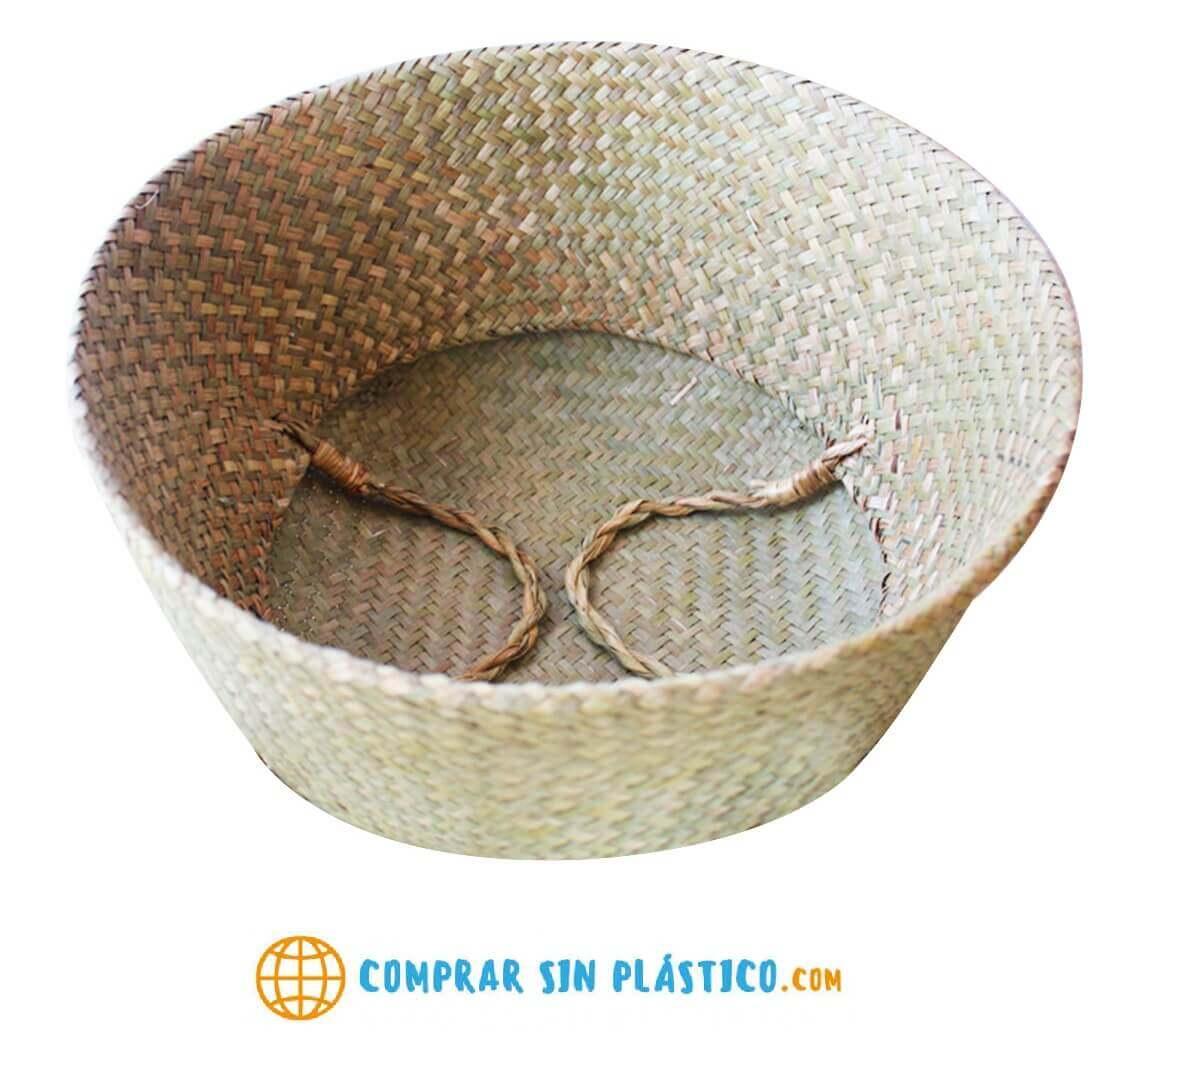 Bolso Tejido Fibras Naturales, ecológico, sostenible, natural, único y respeta el medio ambiente. Plegable